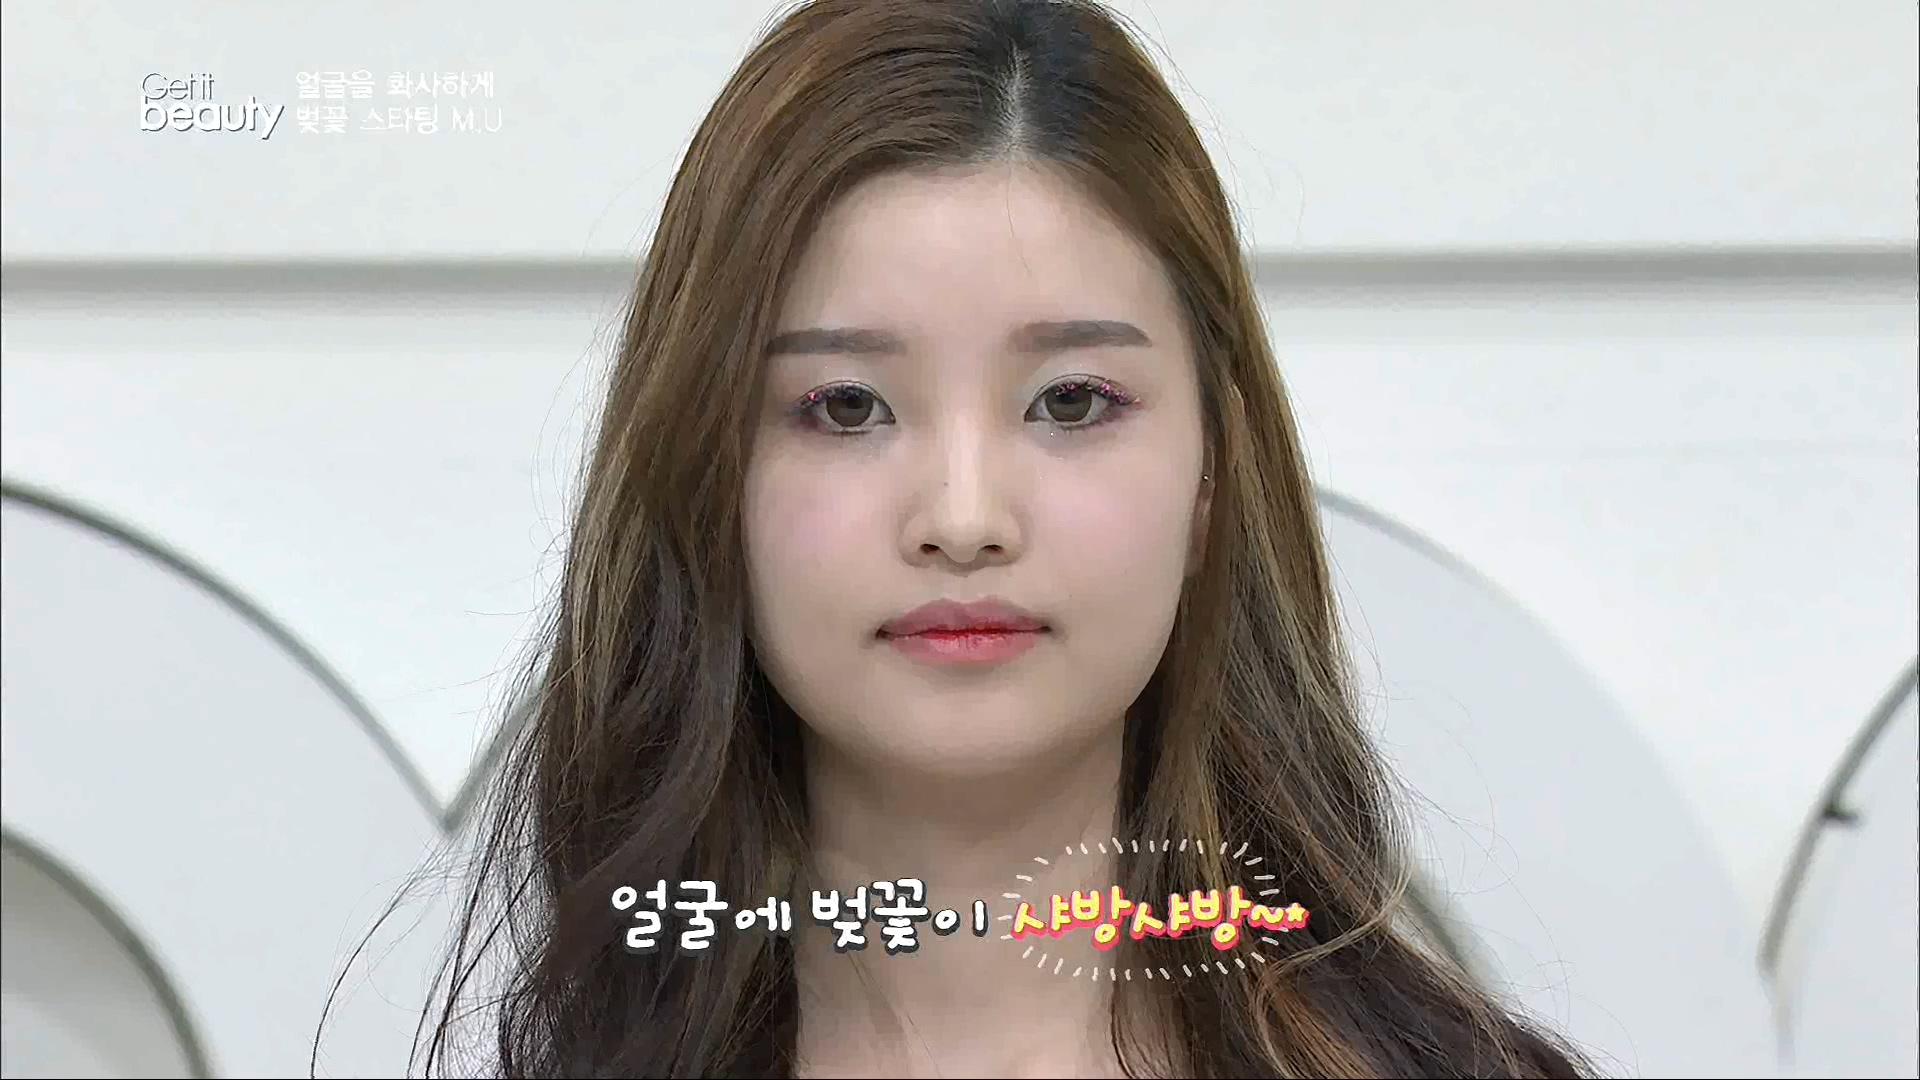 벚꽃 스타팅 메이크업 완성! 얼굴에 벚꽃이 샤방샤방해요~